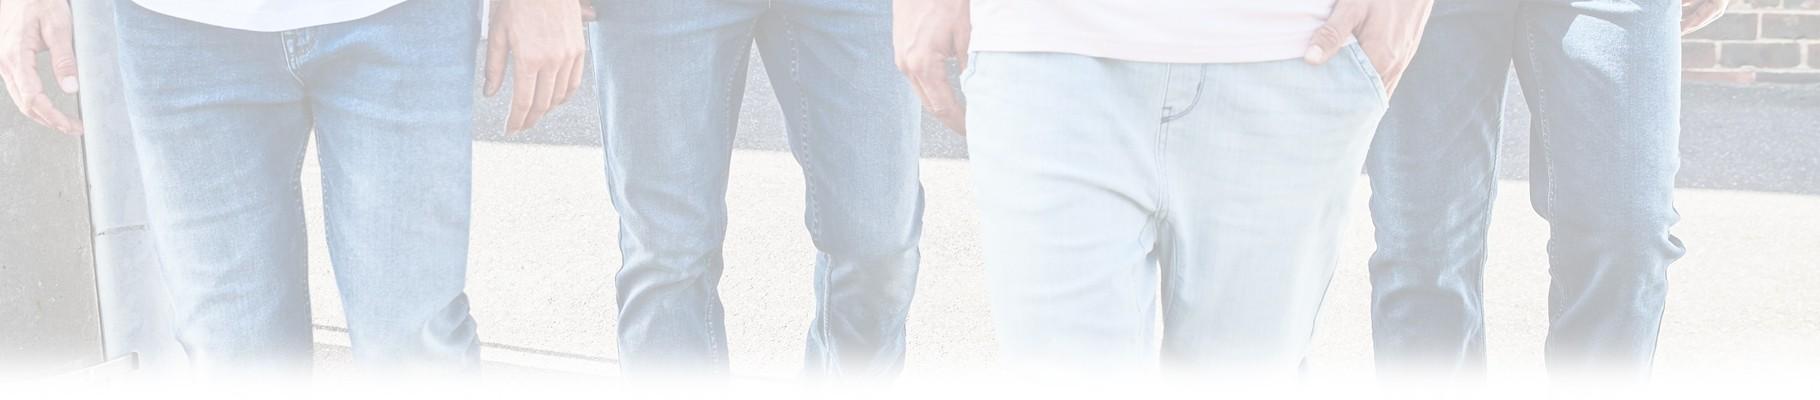 Jeans uomo alla moda e firmati dai migliori marchi di abbigliamento